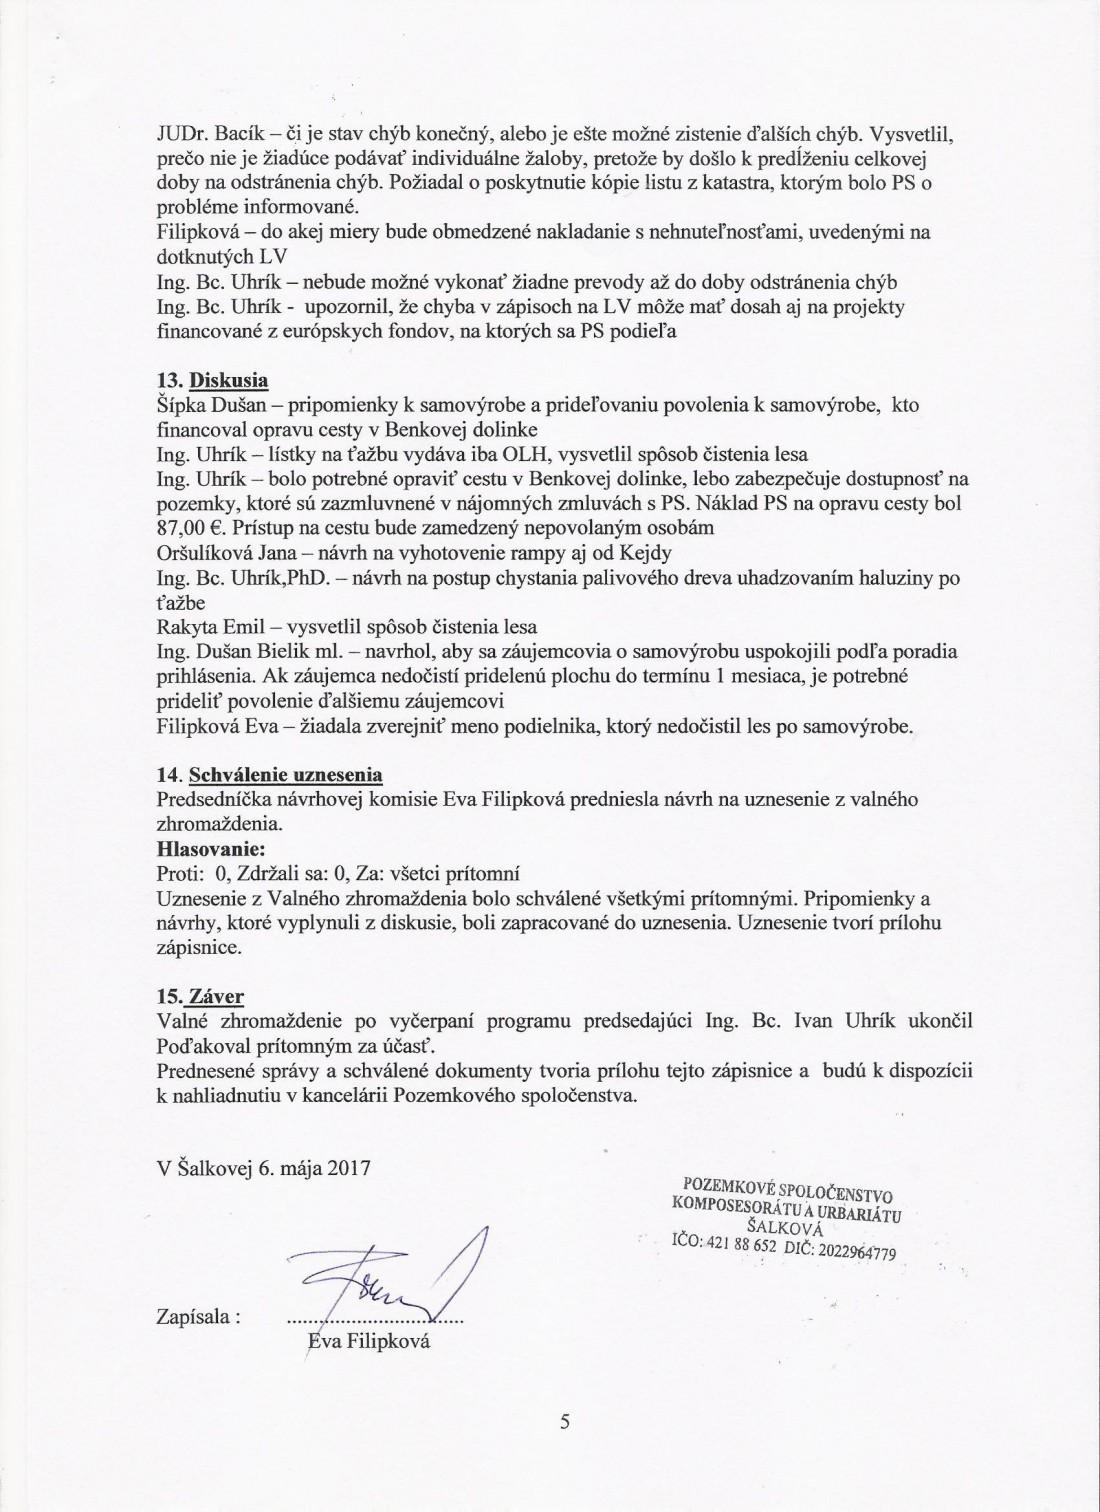 Zápisnica z VZ 6.5. 2017 - strana č. 5